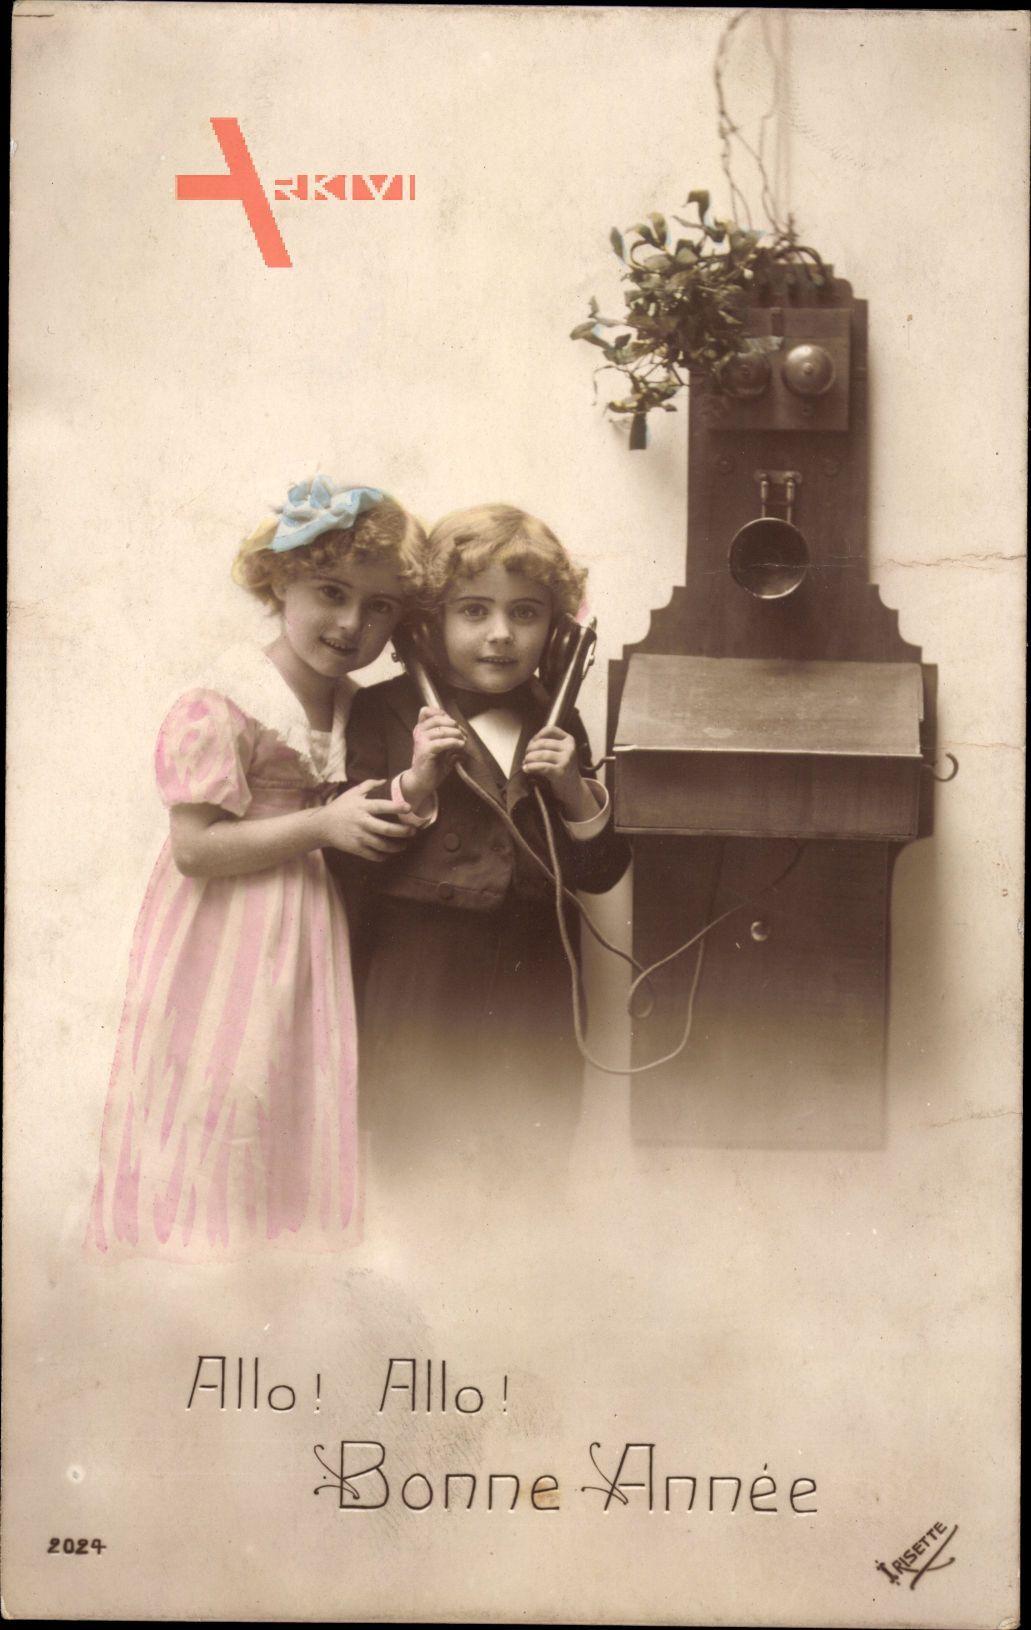 Glückwunsch Neujahr, Zwei Kinder am Telefon, Allo Allo